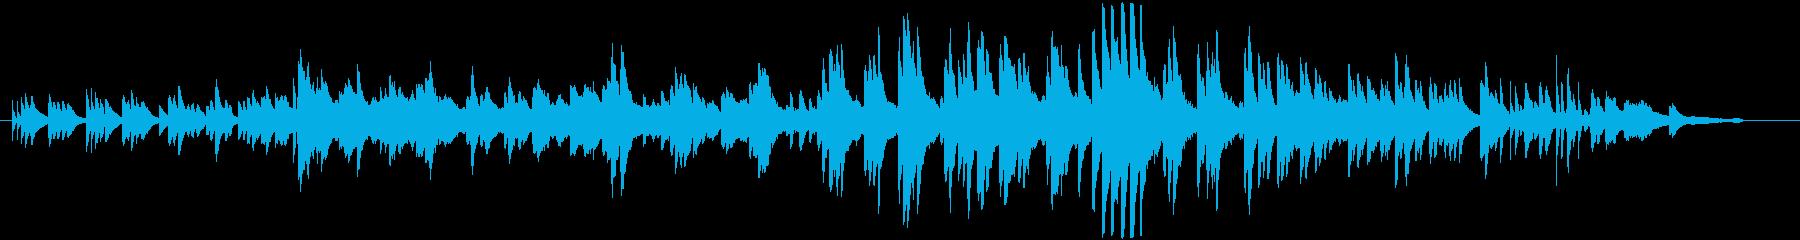 切ない美メロ旋律のピアノインスト曲の再生済みの波形